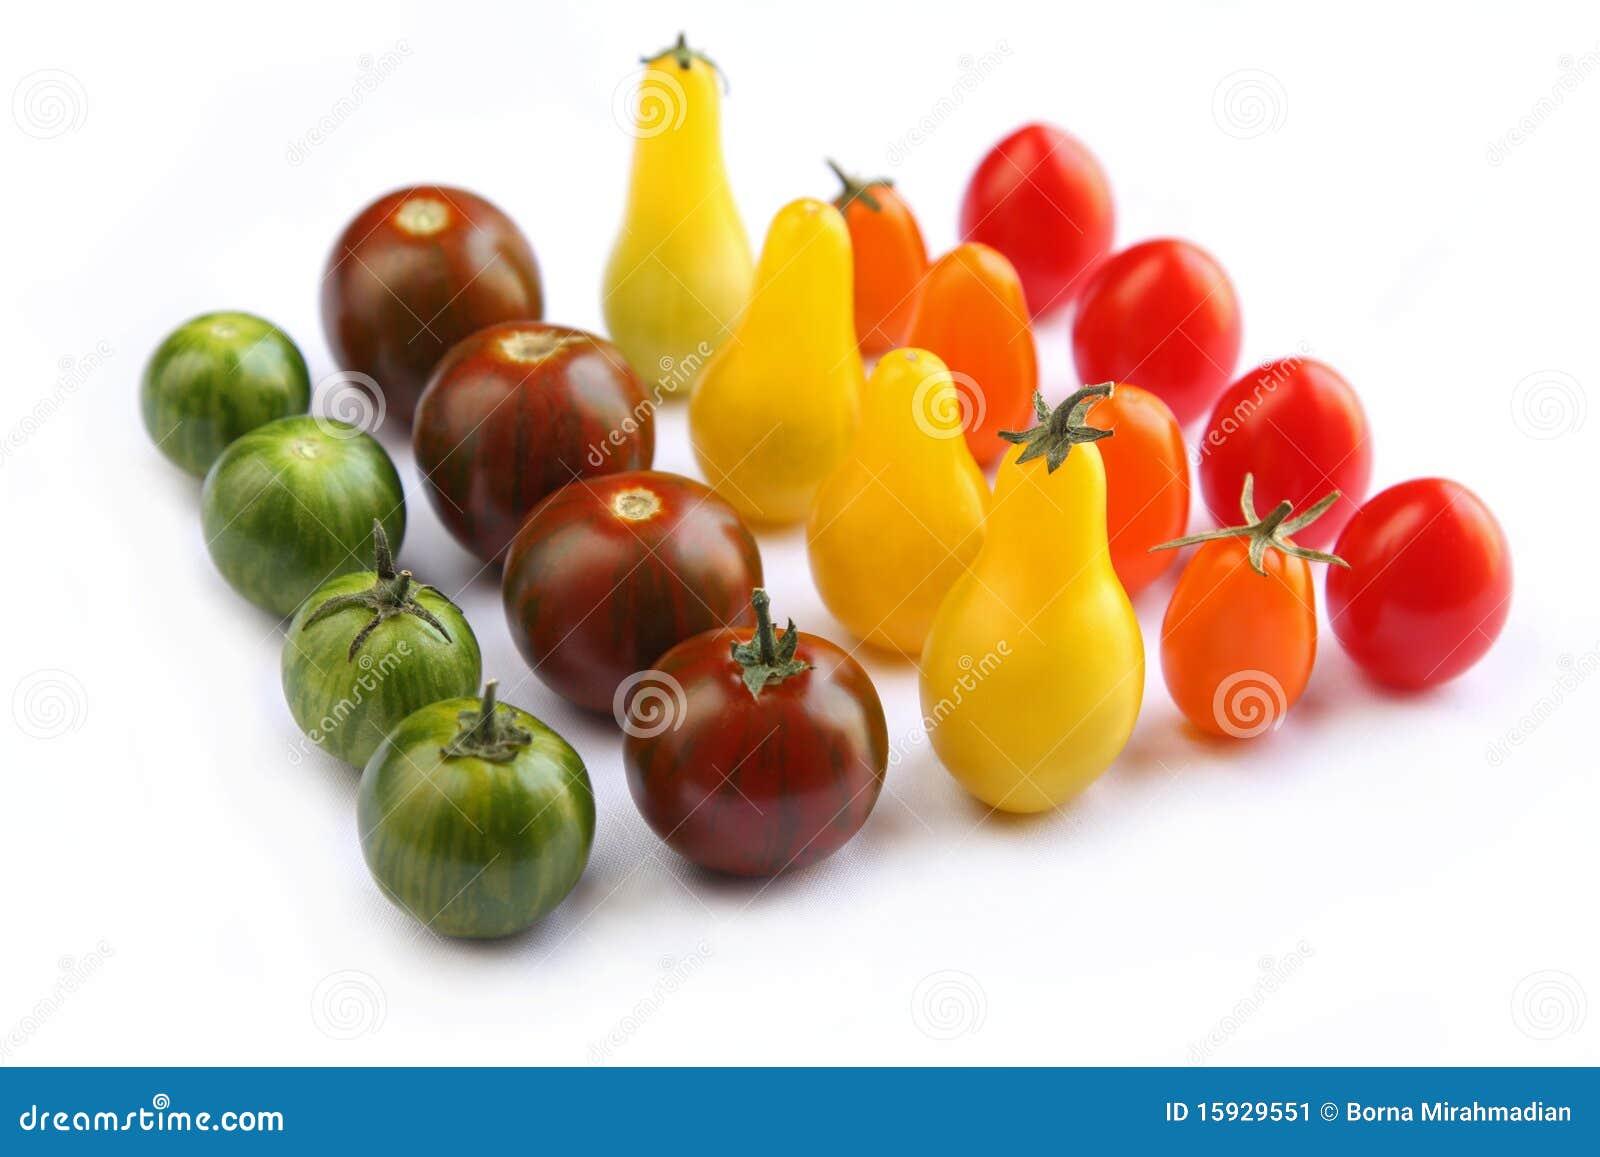 Ejército de tomates